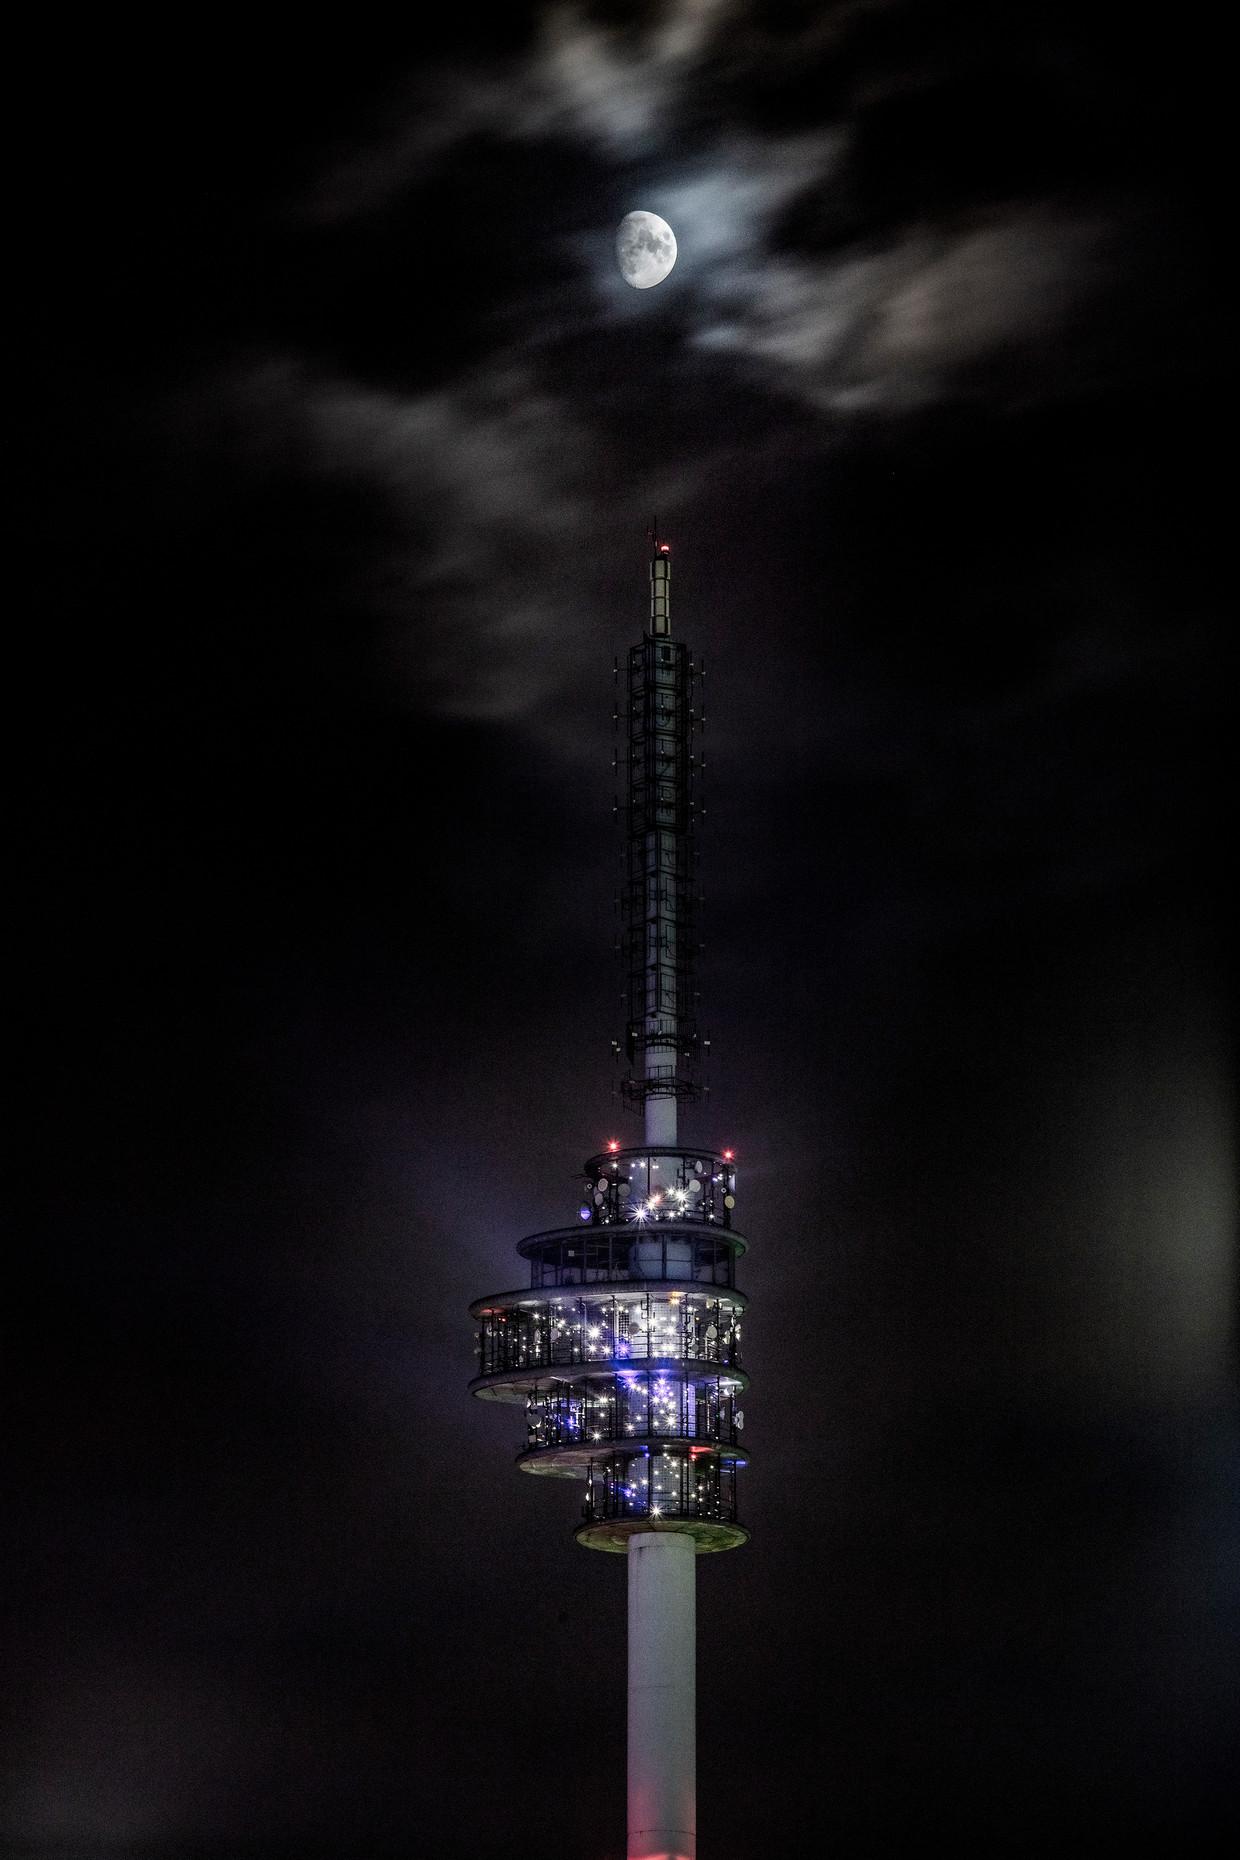 Giny Vos: 'De 1024 ledlampjes staan op ruim honderd meter hoogte bloot aan wind, regen en luchtverontreiniging.'